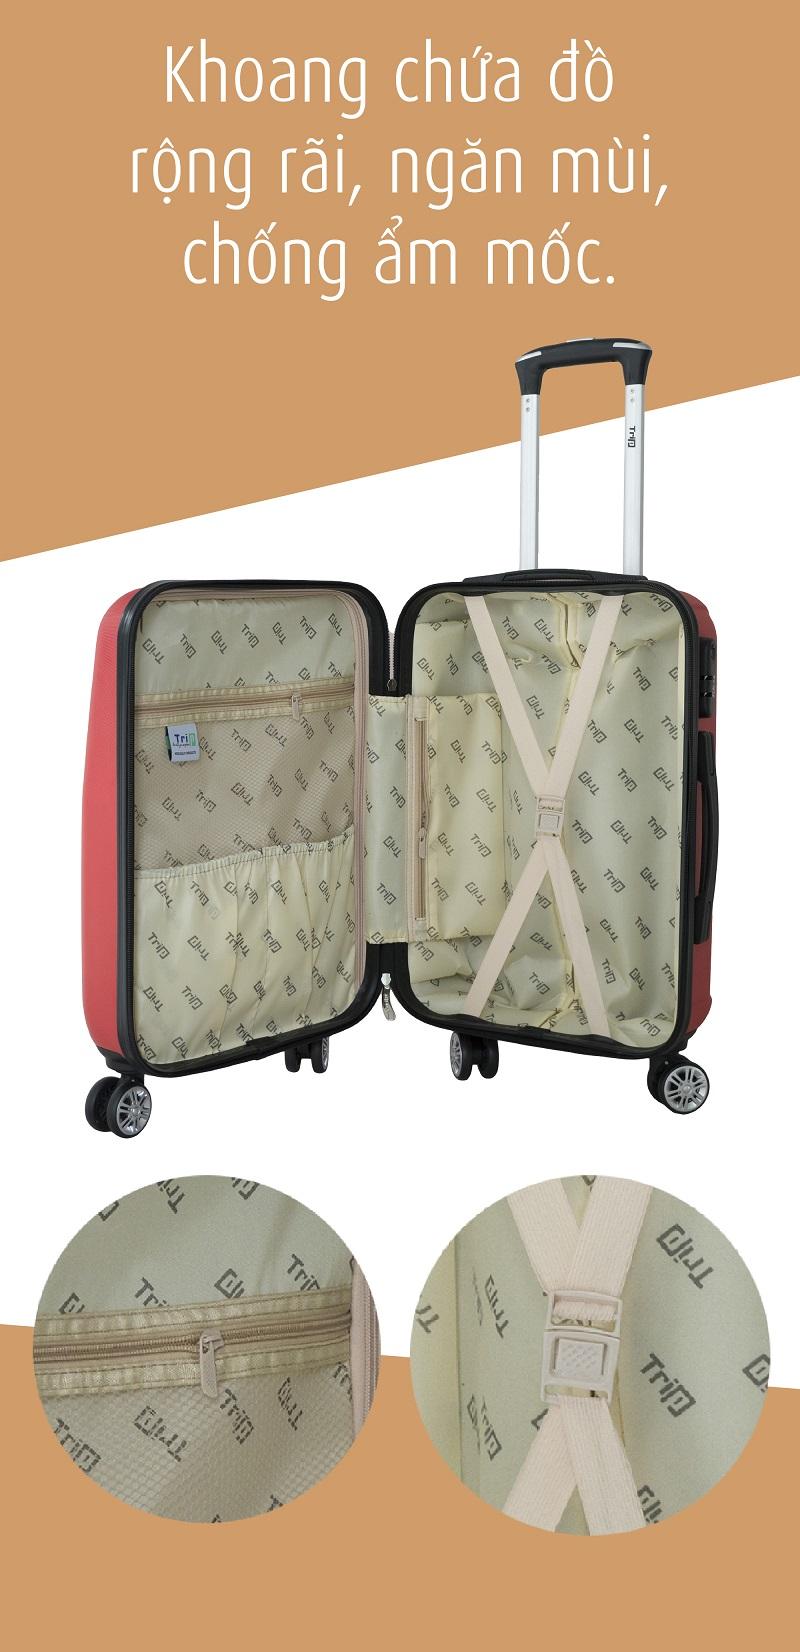 khoang chứa đồ vali trip p16 size 20inch